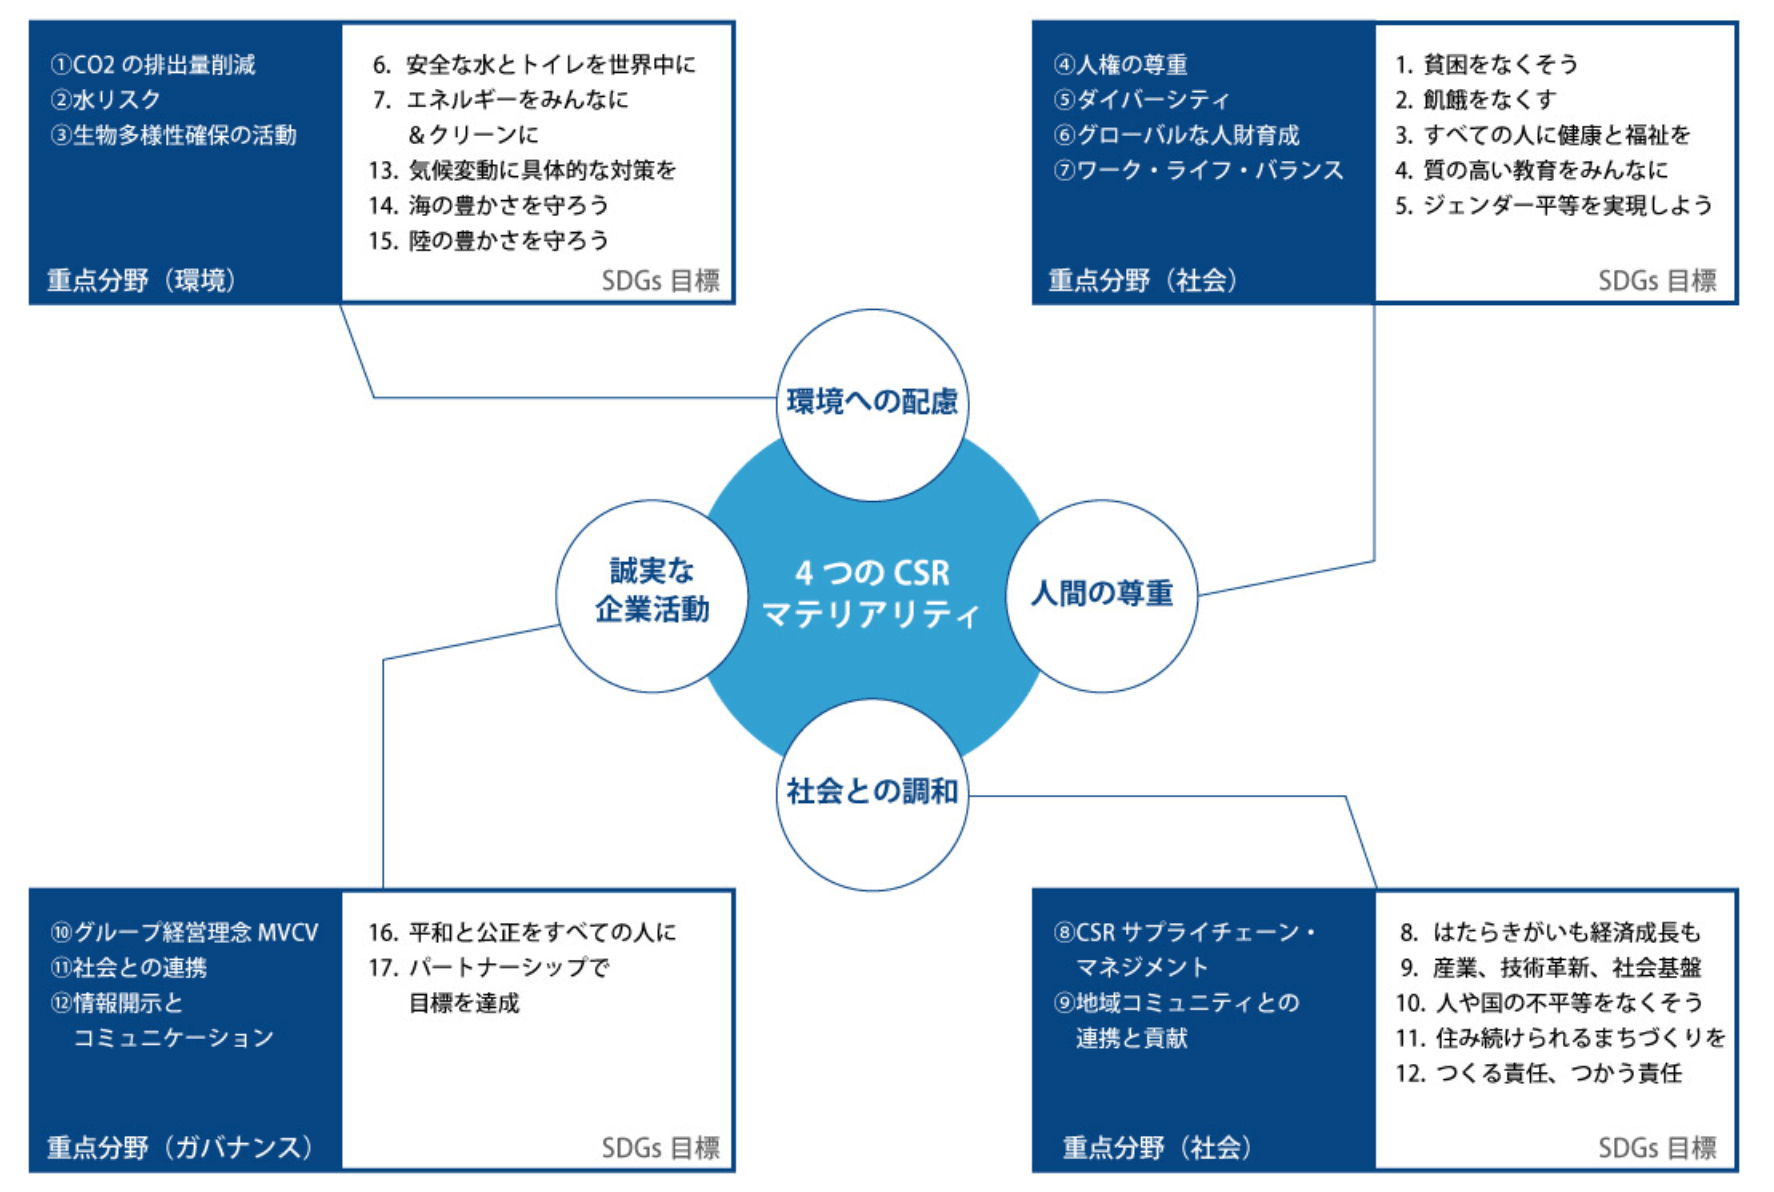 フジクラグループCSR基本方針で定めた「4つの重点分野」および「CSR重点方策2020」とSDGsで定める17の目標との関係を整理